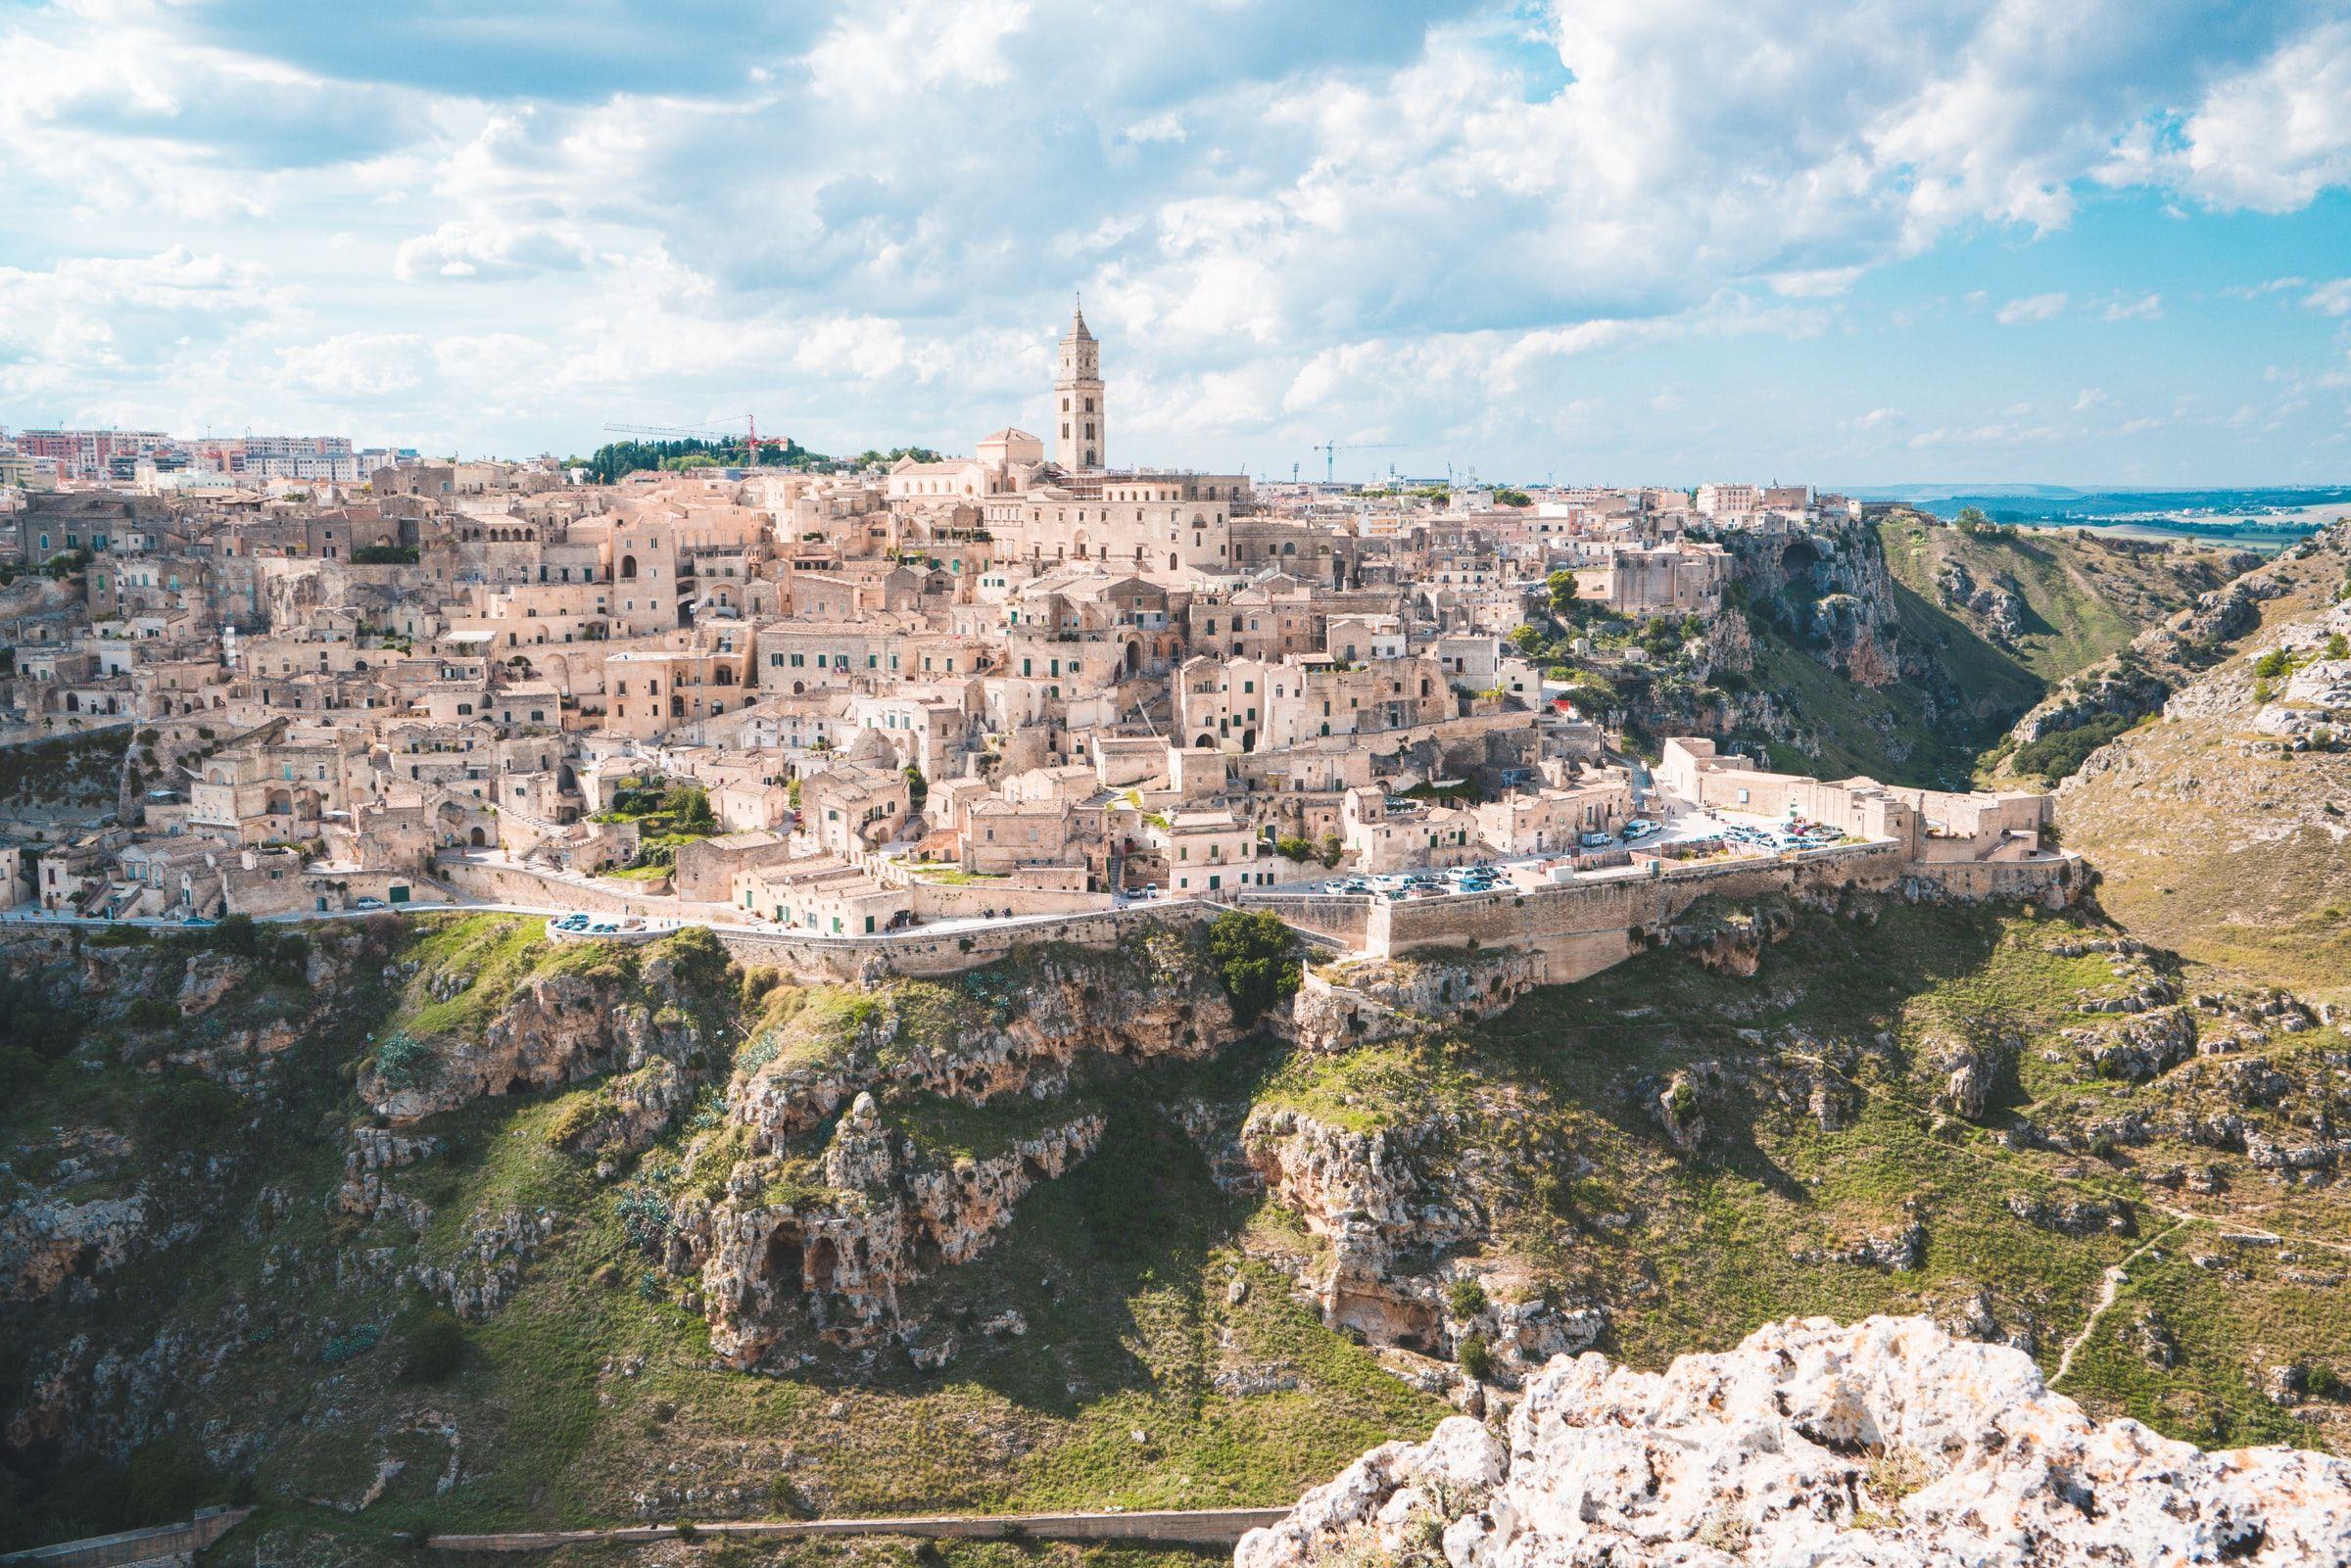 Puglia Region Italy Matera Alberobello Ostuni Manduria Gallipoli Santa Maria Di Leuca Otranto Lecce